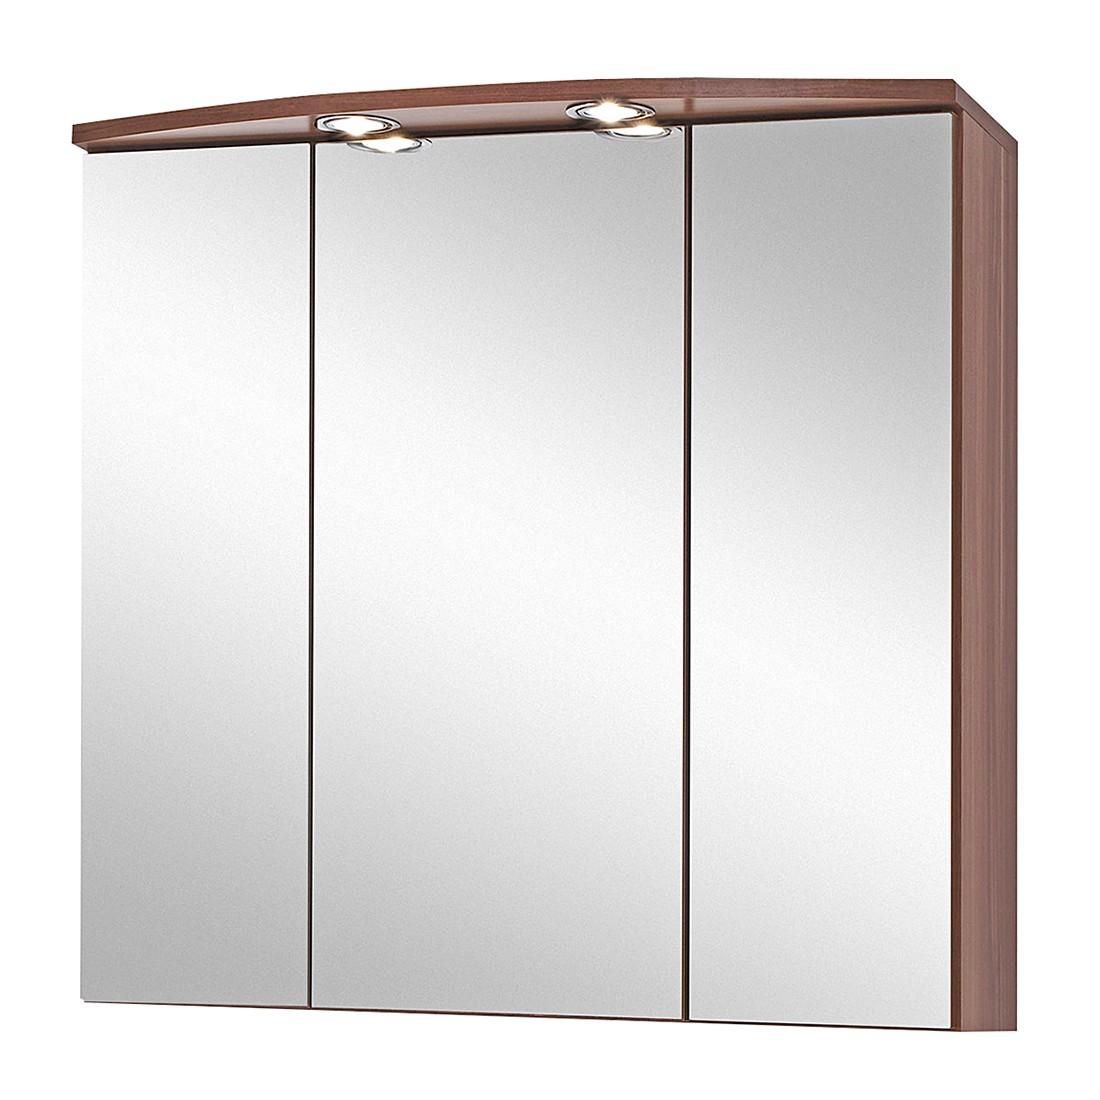 3D-Spiegelschrank Marino - Nussbaum-Dekor, Giessbach